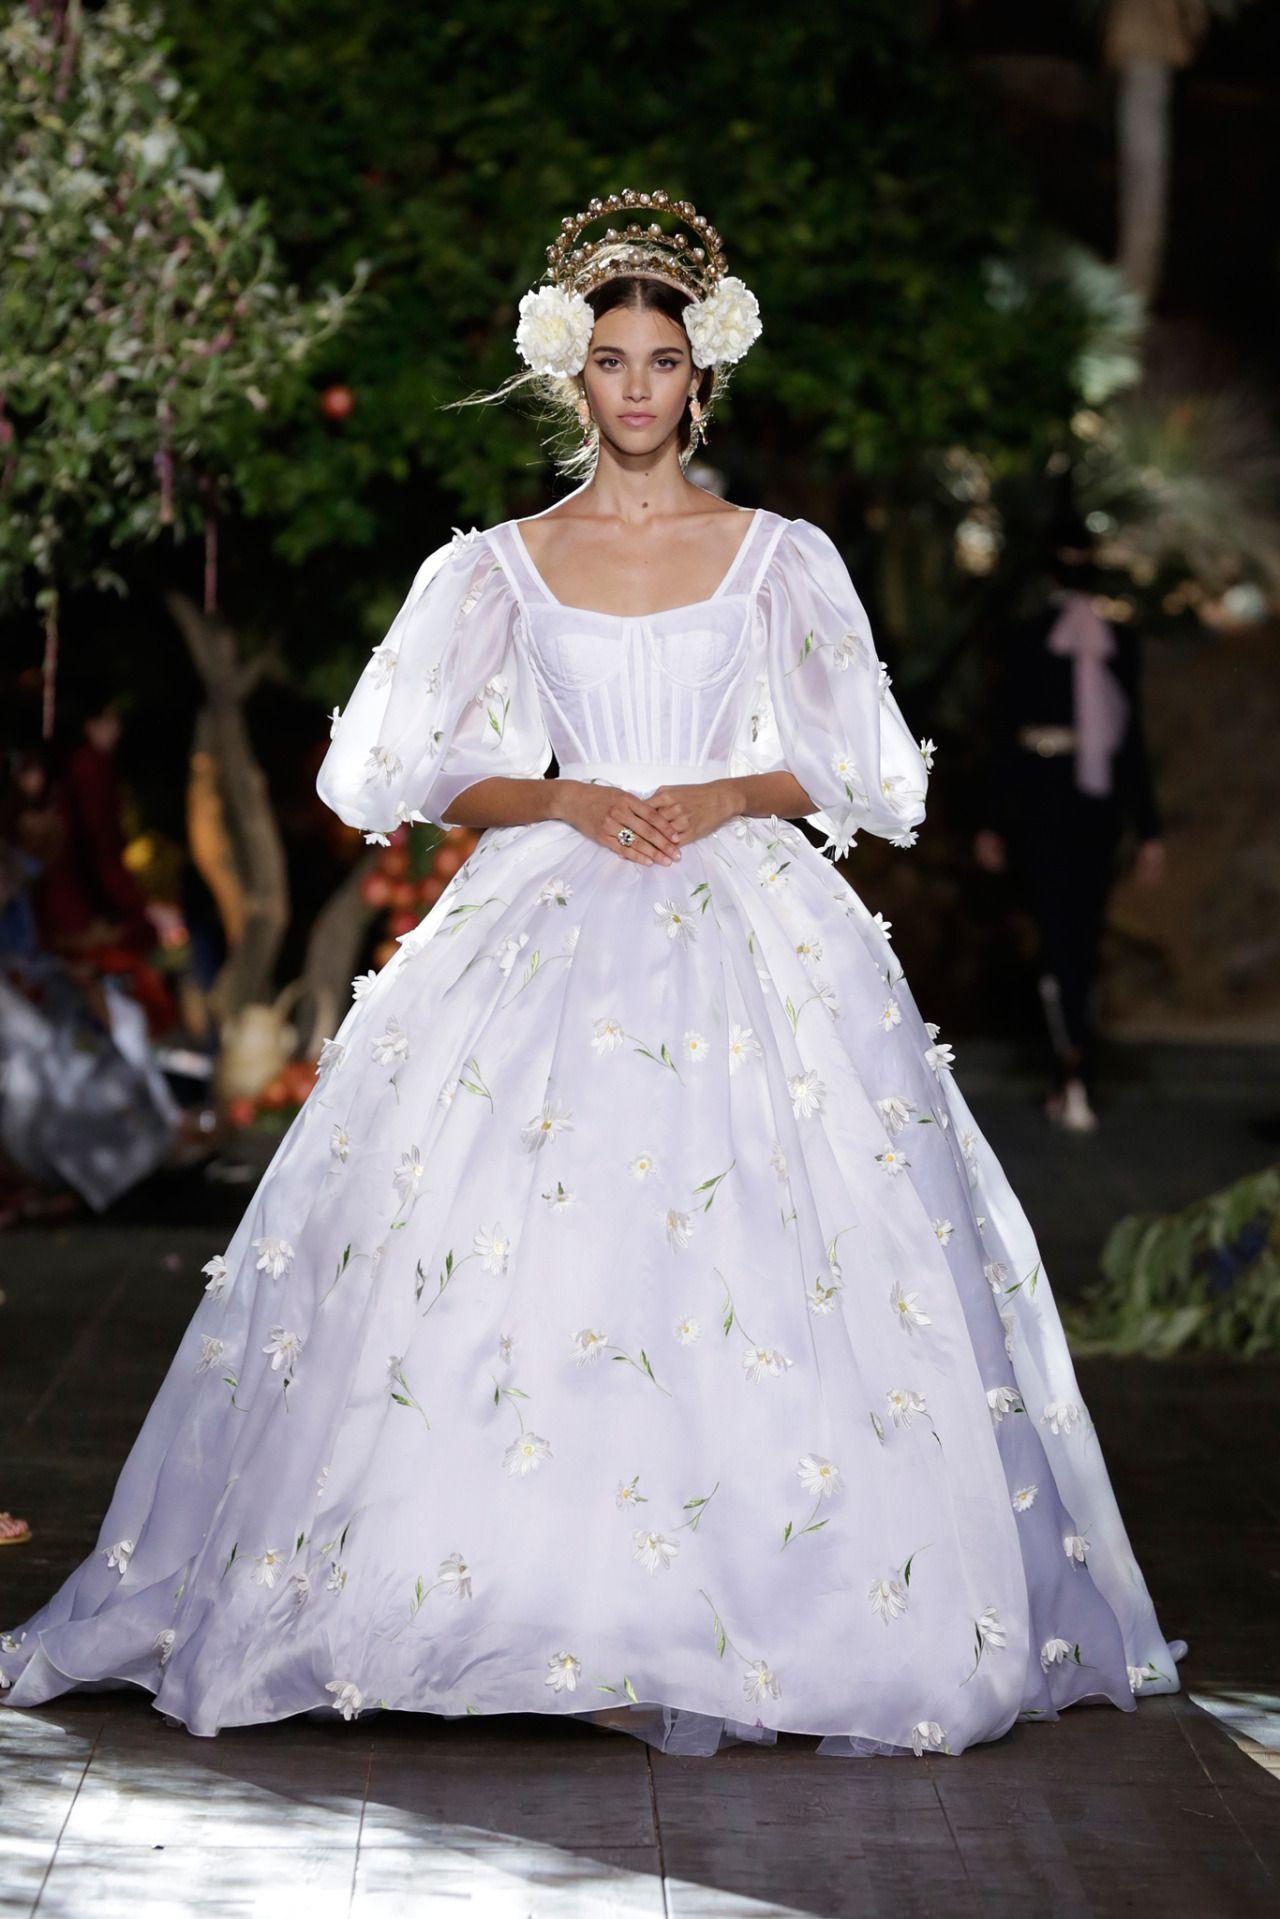 30 Anni Di Dolce Gabbana A Napoli Sara Li La Festa Stile Di Moda Dolce E Gabbana Stili Di Abbigliamento